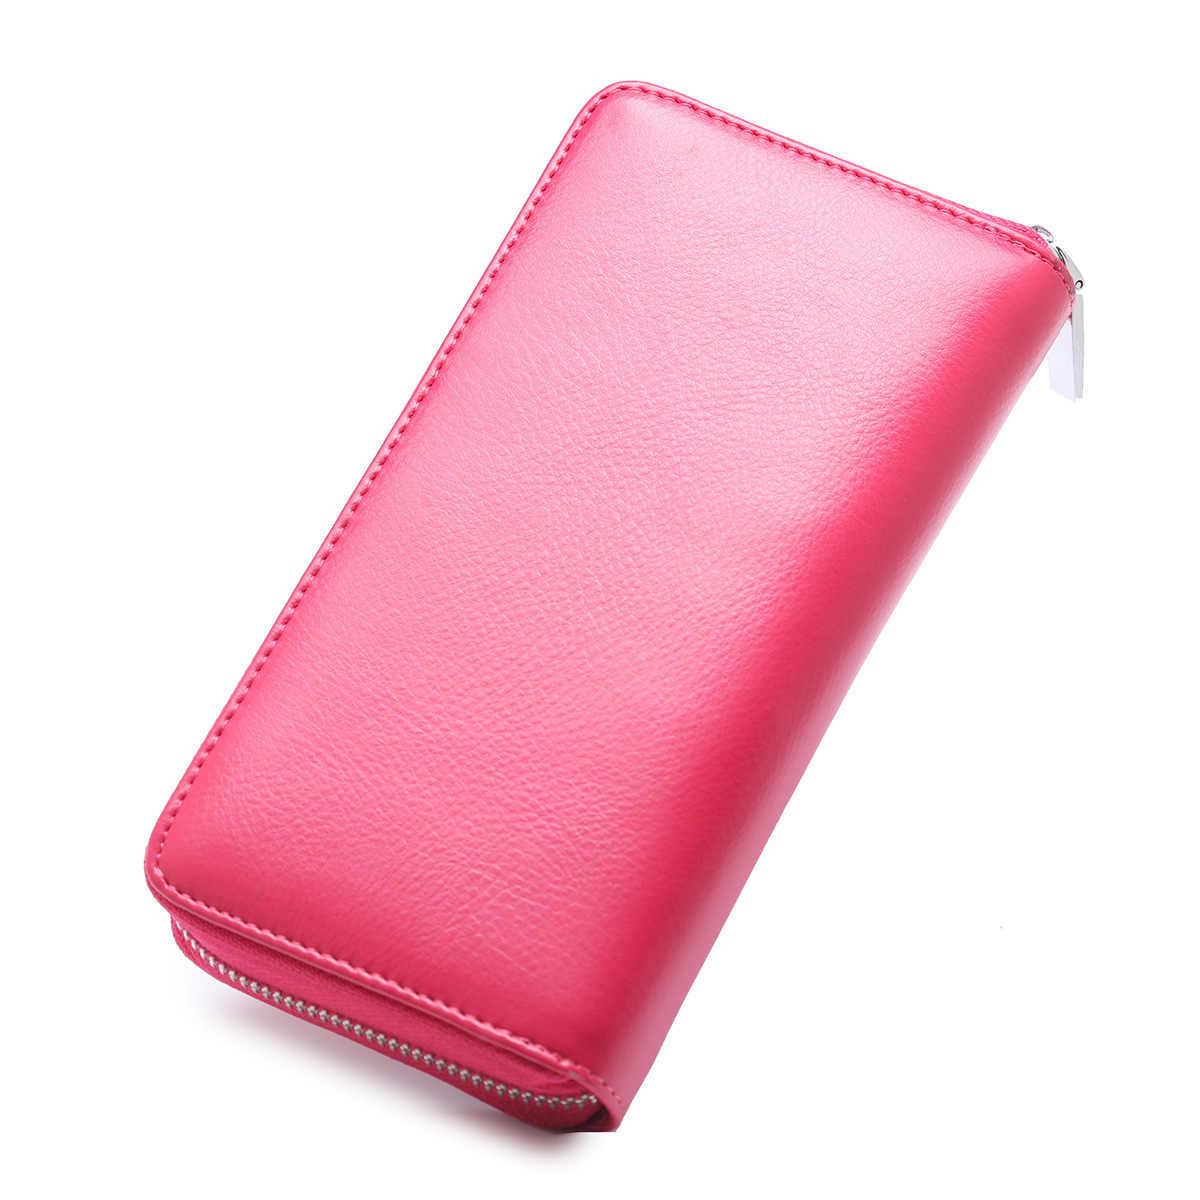 Wanita Dompet RFID Pemegang Kartu Kredit Asli Kulit Panjang Kartu Pemegang Wanita Anti Pencurian Perjalanan Dompet Paspor Saku